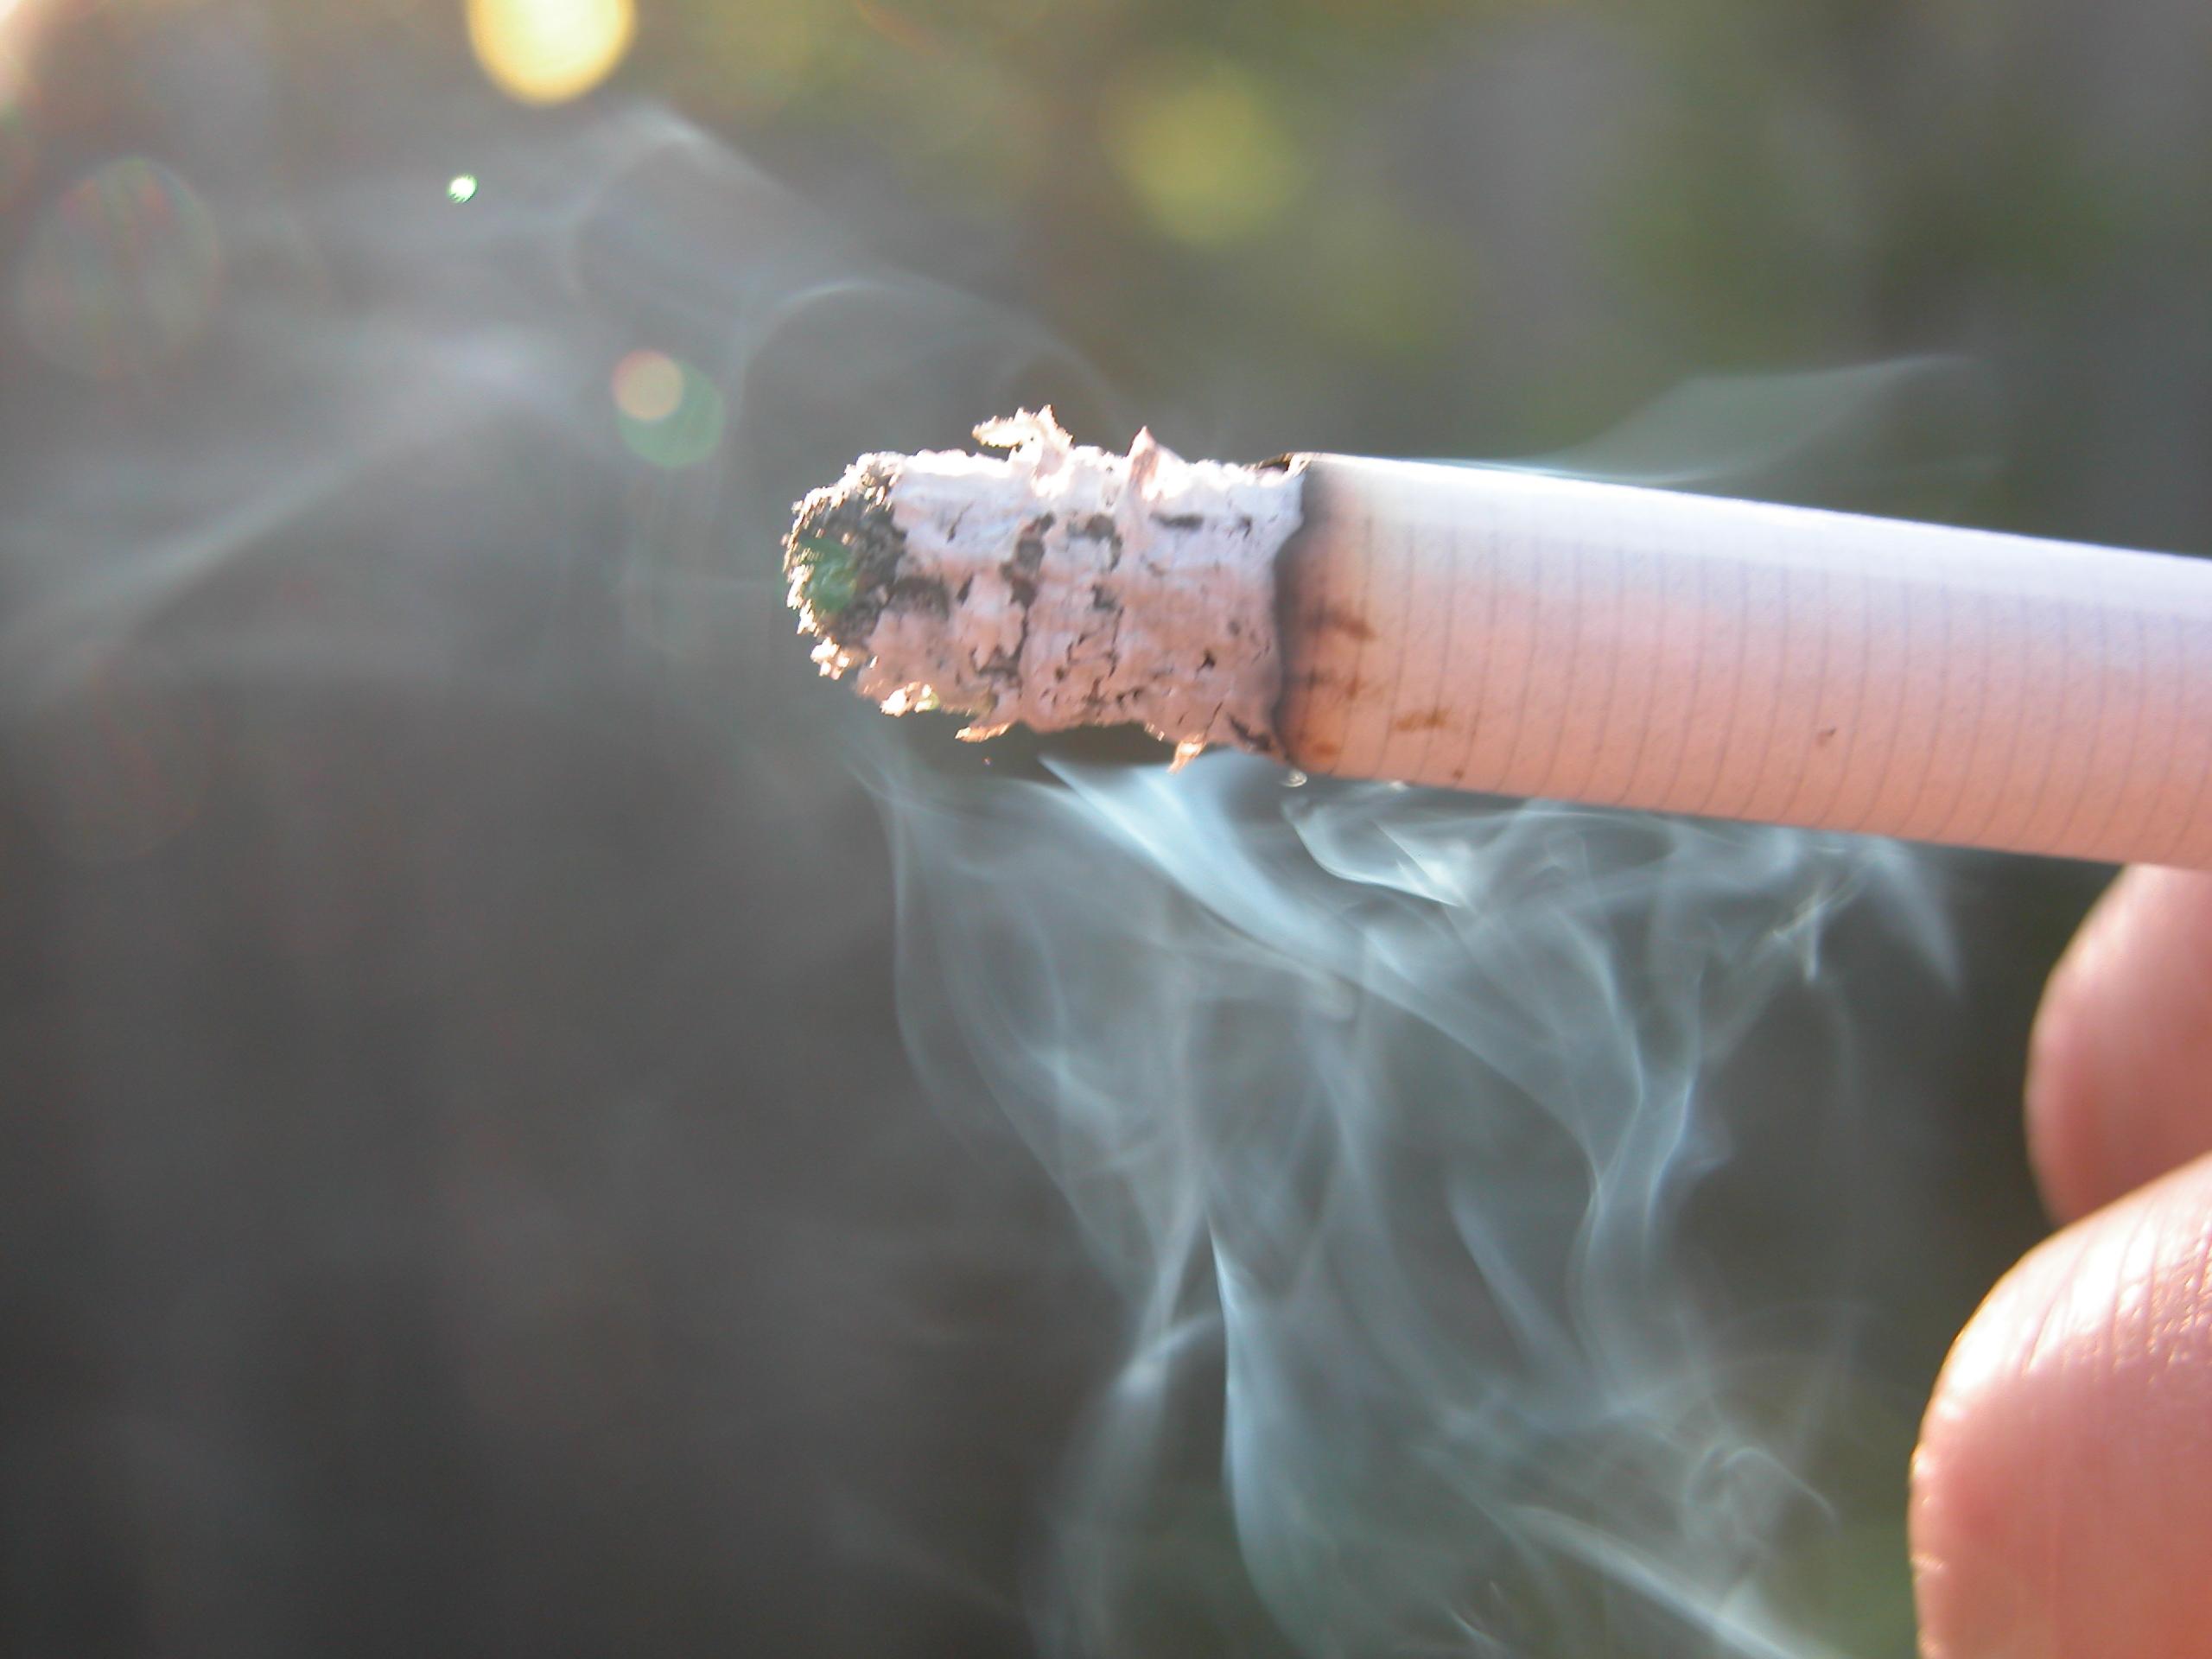 Batran mort dupa ce a fost batut de un adolescent pe care l-a prins fumand